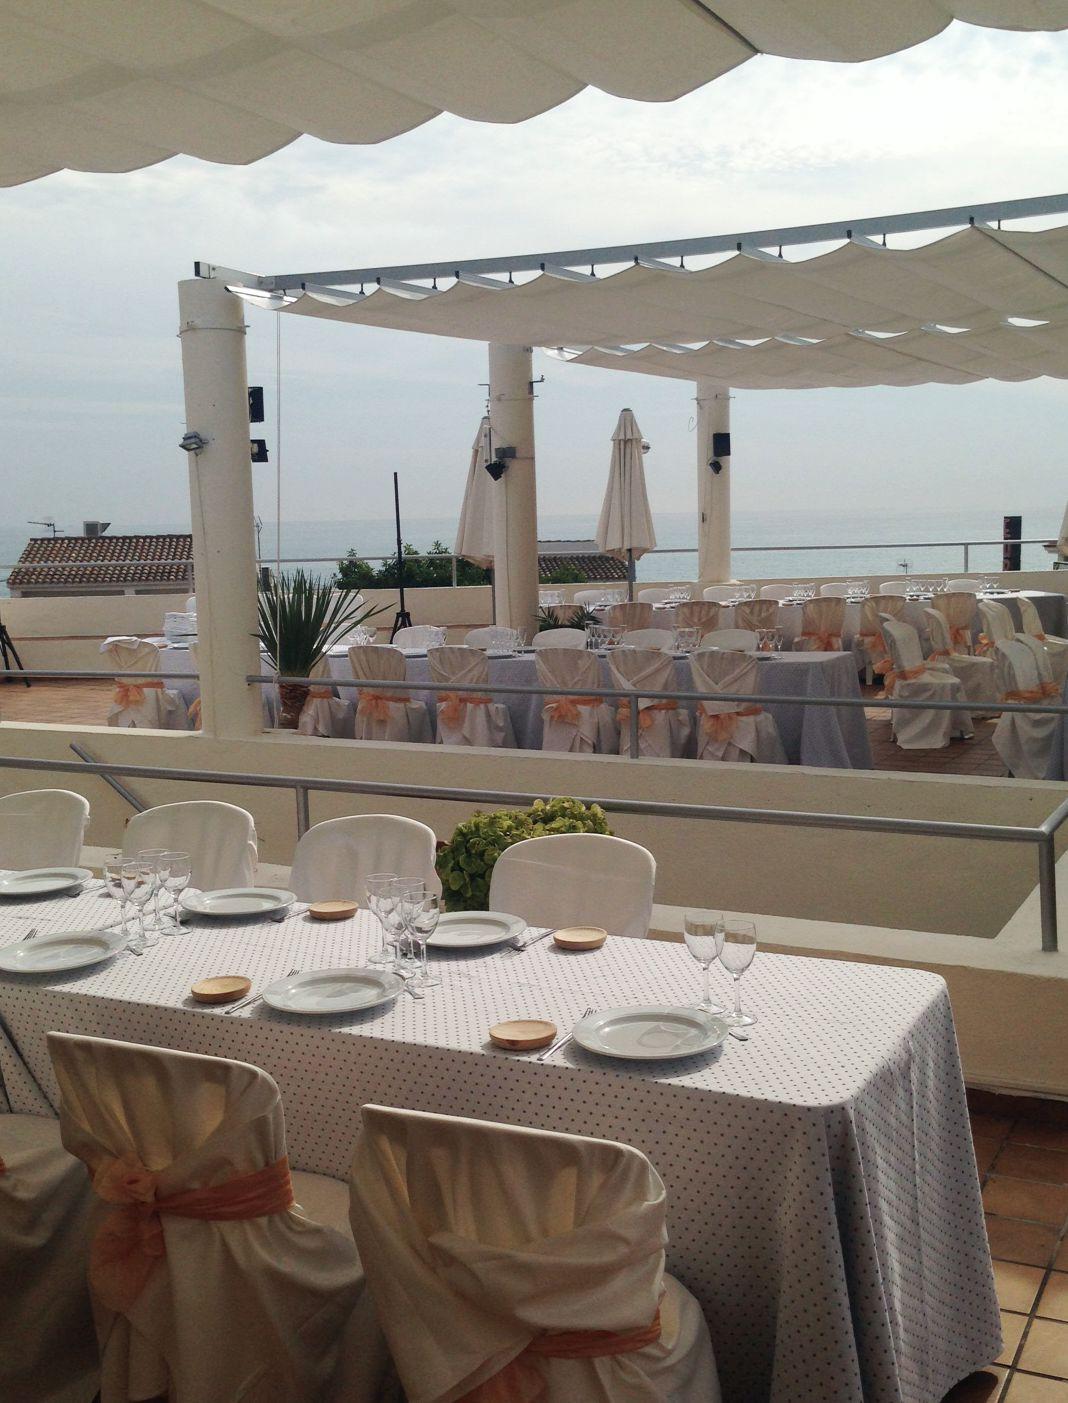 Montaje de comedor en terraza musical, para cien comensales en una boda